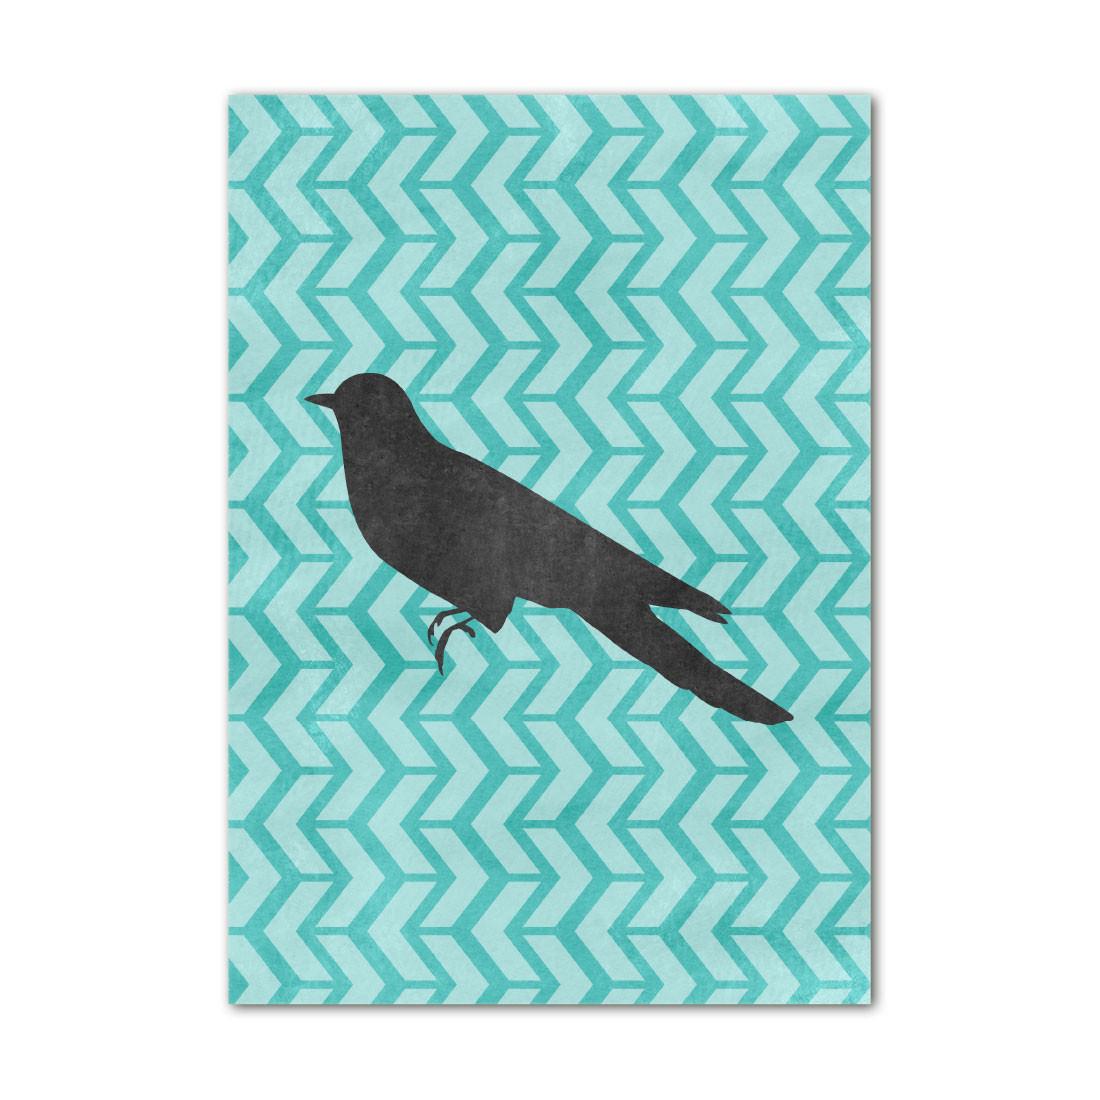 Quadro Decorativo Pássaro Fundo Abstrato